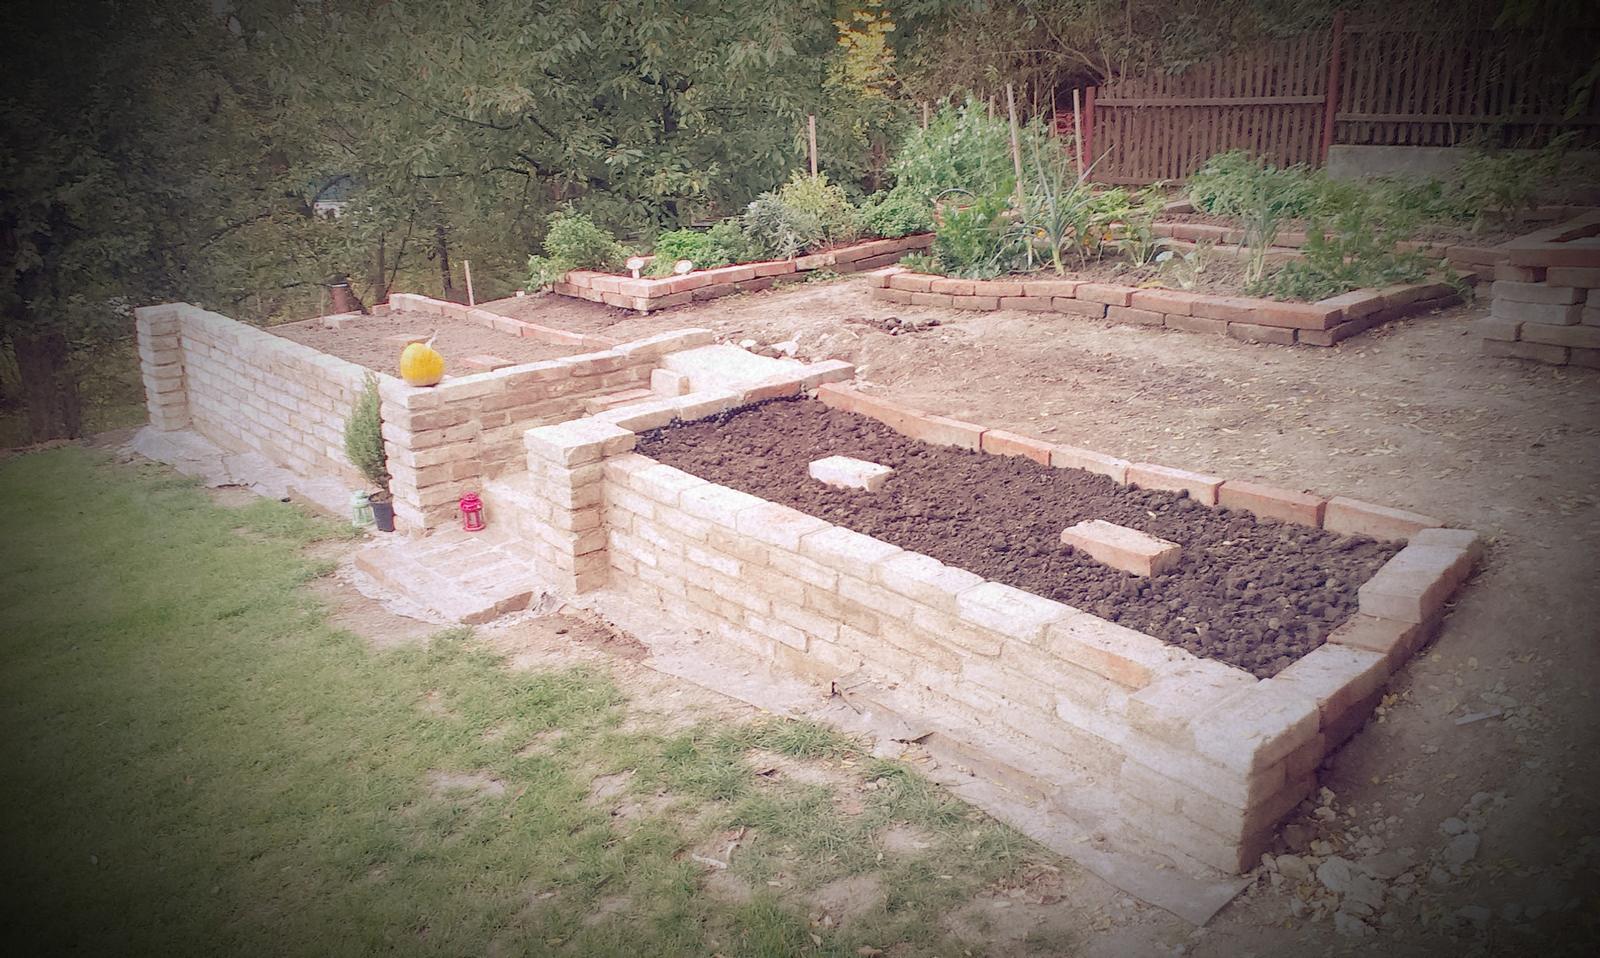 Záhrada - záhony dokončené, osadené a už sa teším na jarnú premiéru cibuľovín